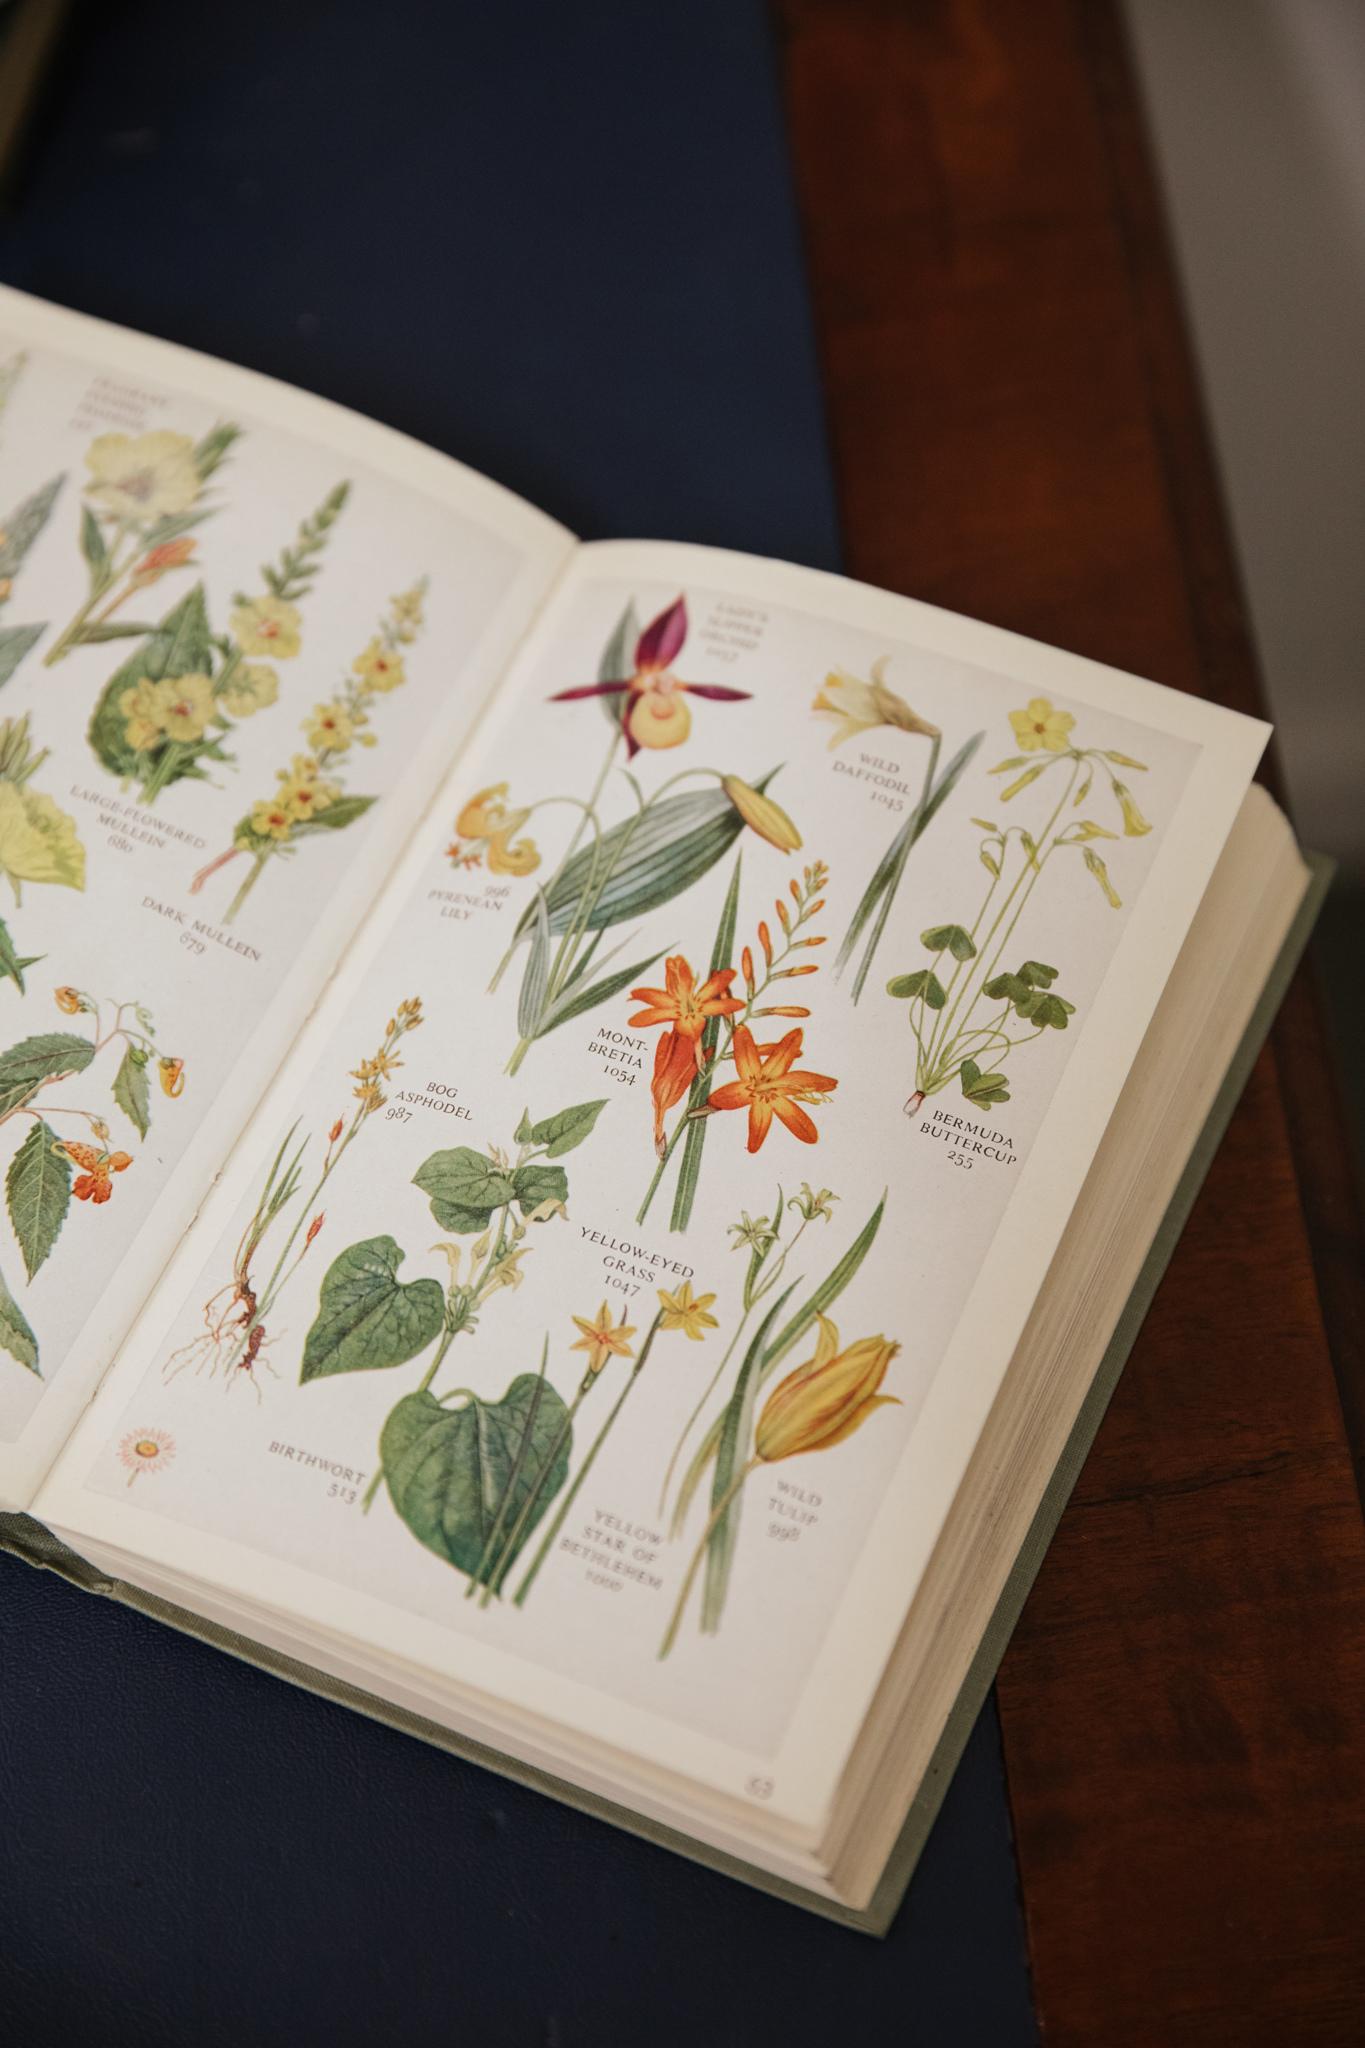 Herbarium_Joanne-Crawford-6820.JPG